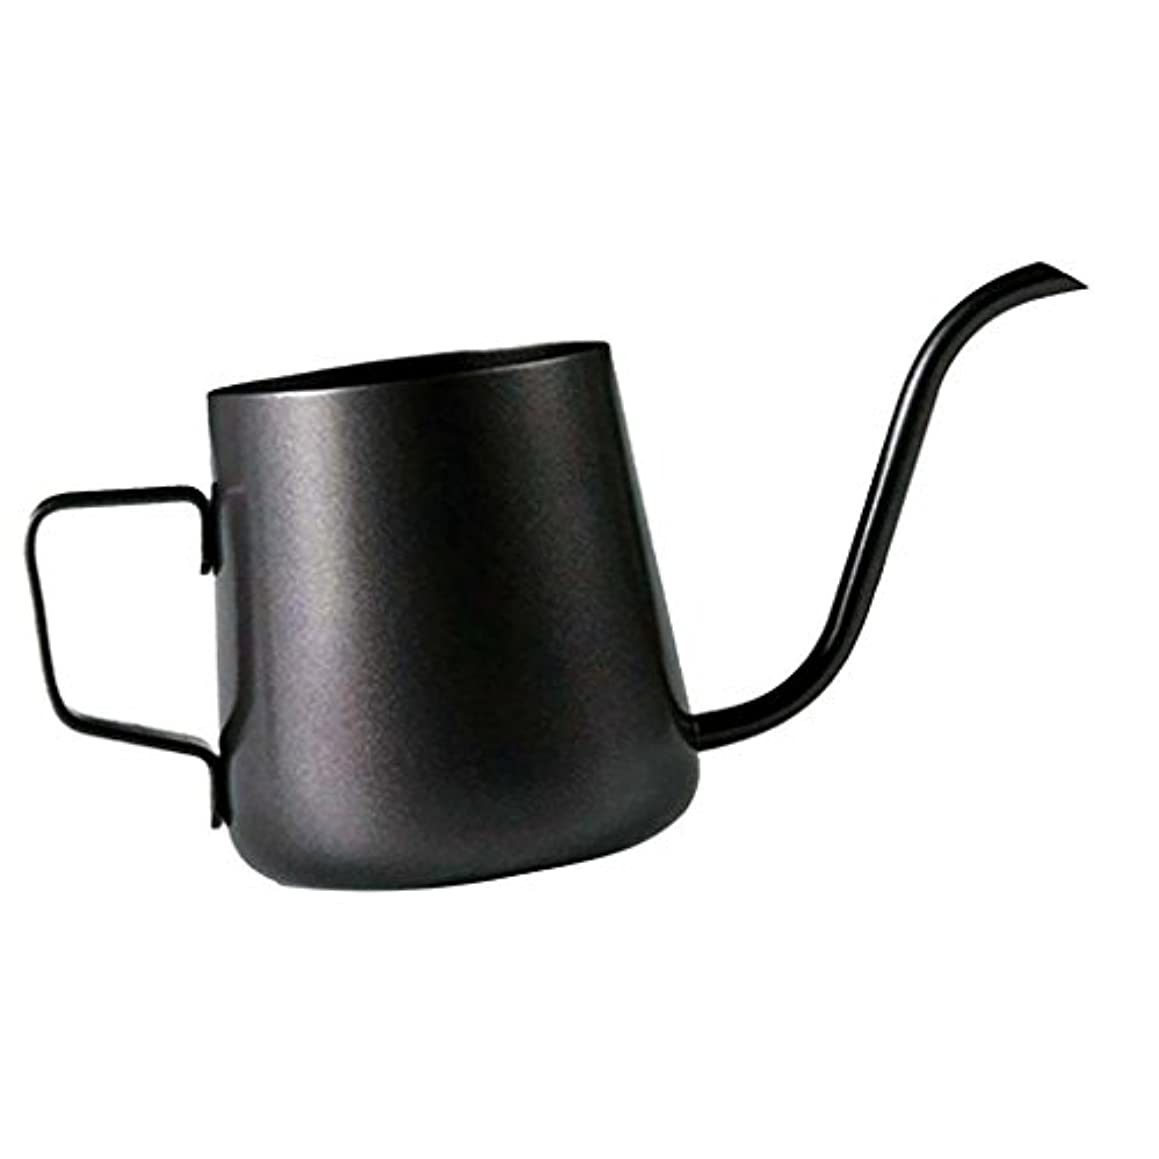 ご覧くださいどう?着陸Homeland コーヒーポット お茶などにも対応 クッキング用品 ステンレス製 エスプレッソポット ケトル - ブラック, 250ミリリットル